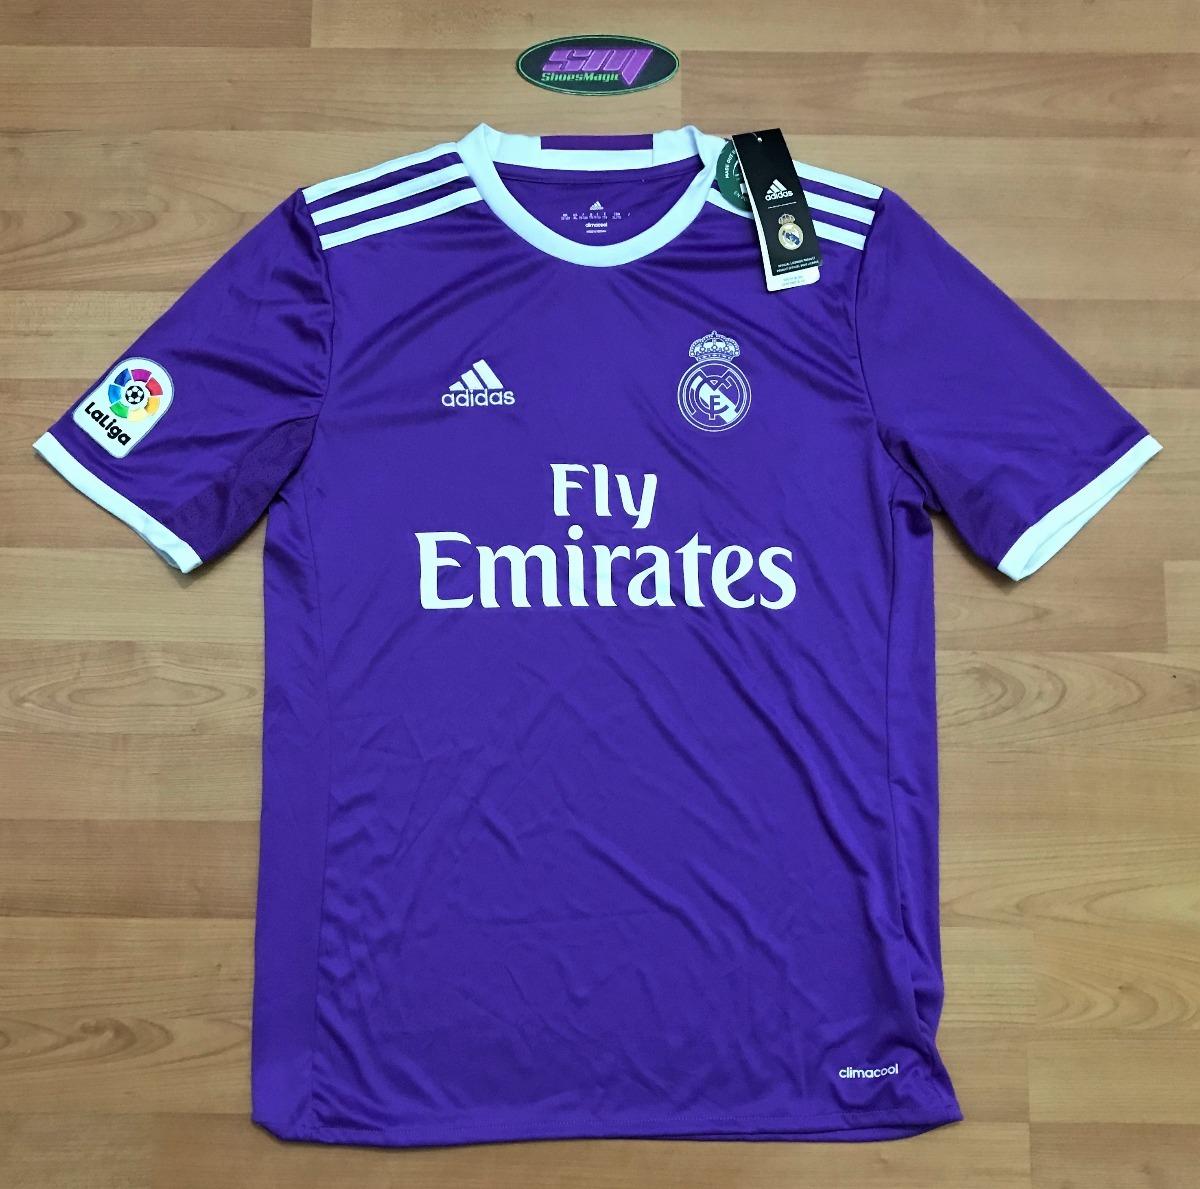 4879c02fb0082 Playera adidas Del Real Madrid Para Niño Visitante -   349.00 en ...